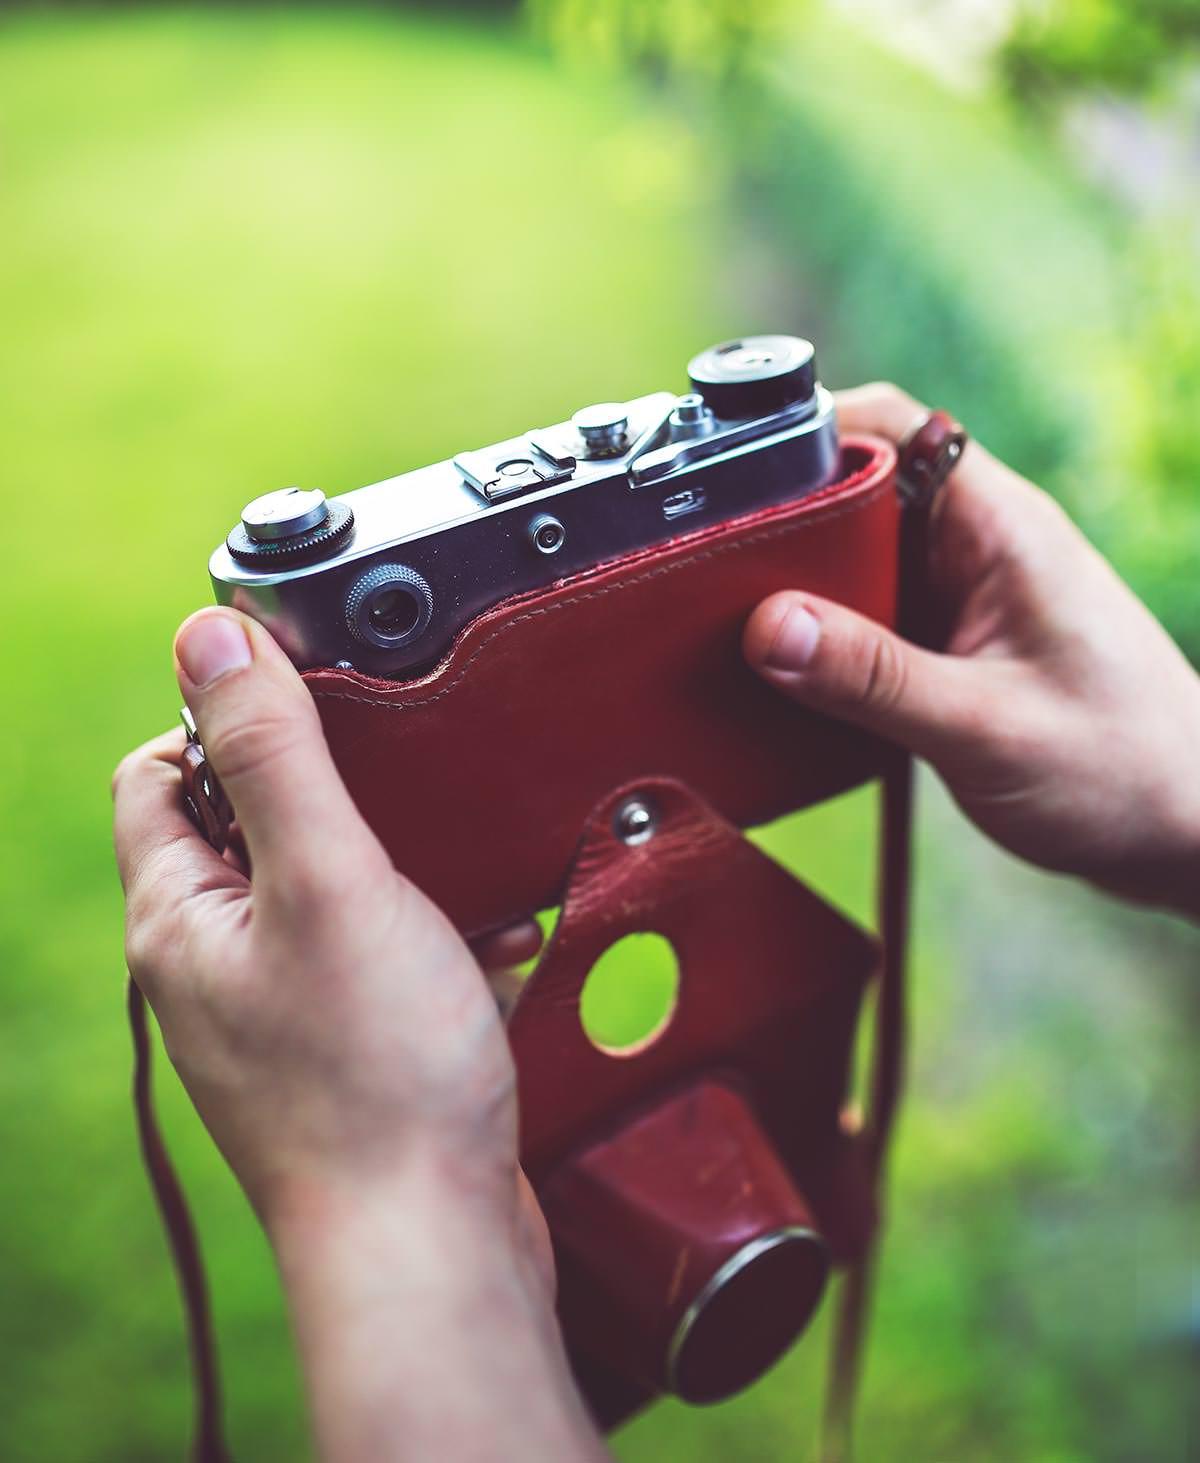 두 손으로 든 카메라